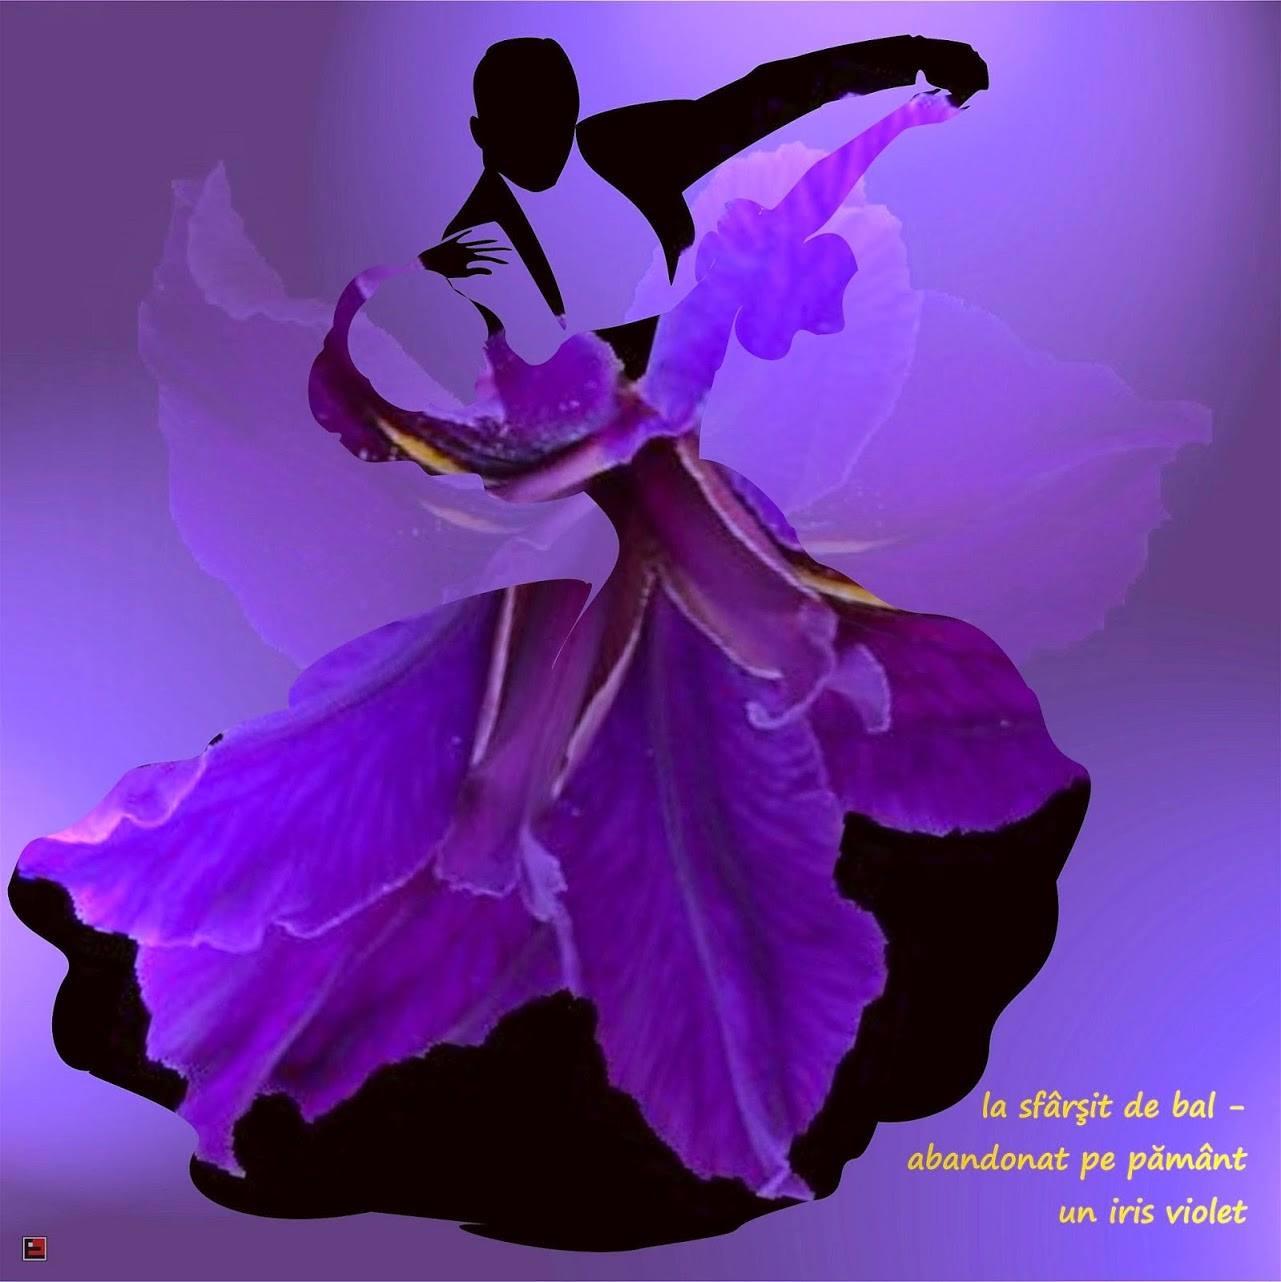 Danza sei la mia malattia, per te rifiuterei anche le cure